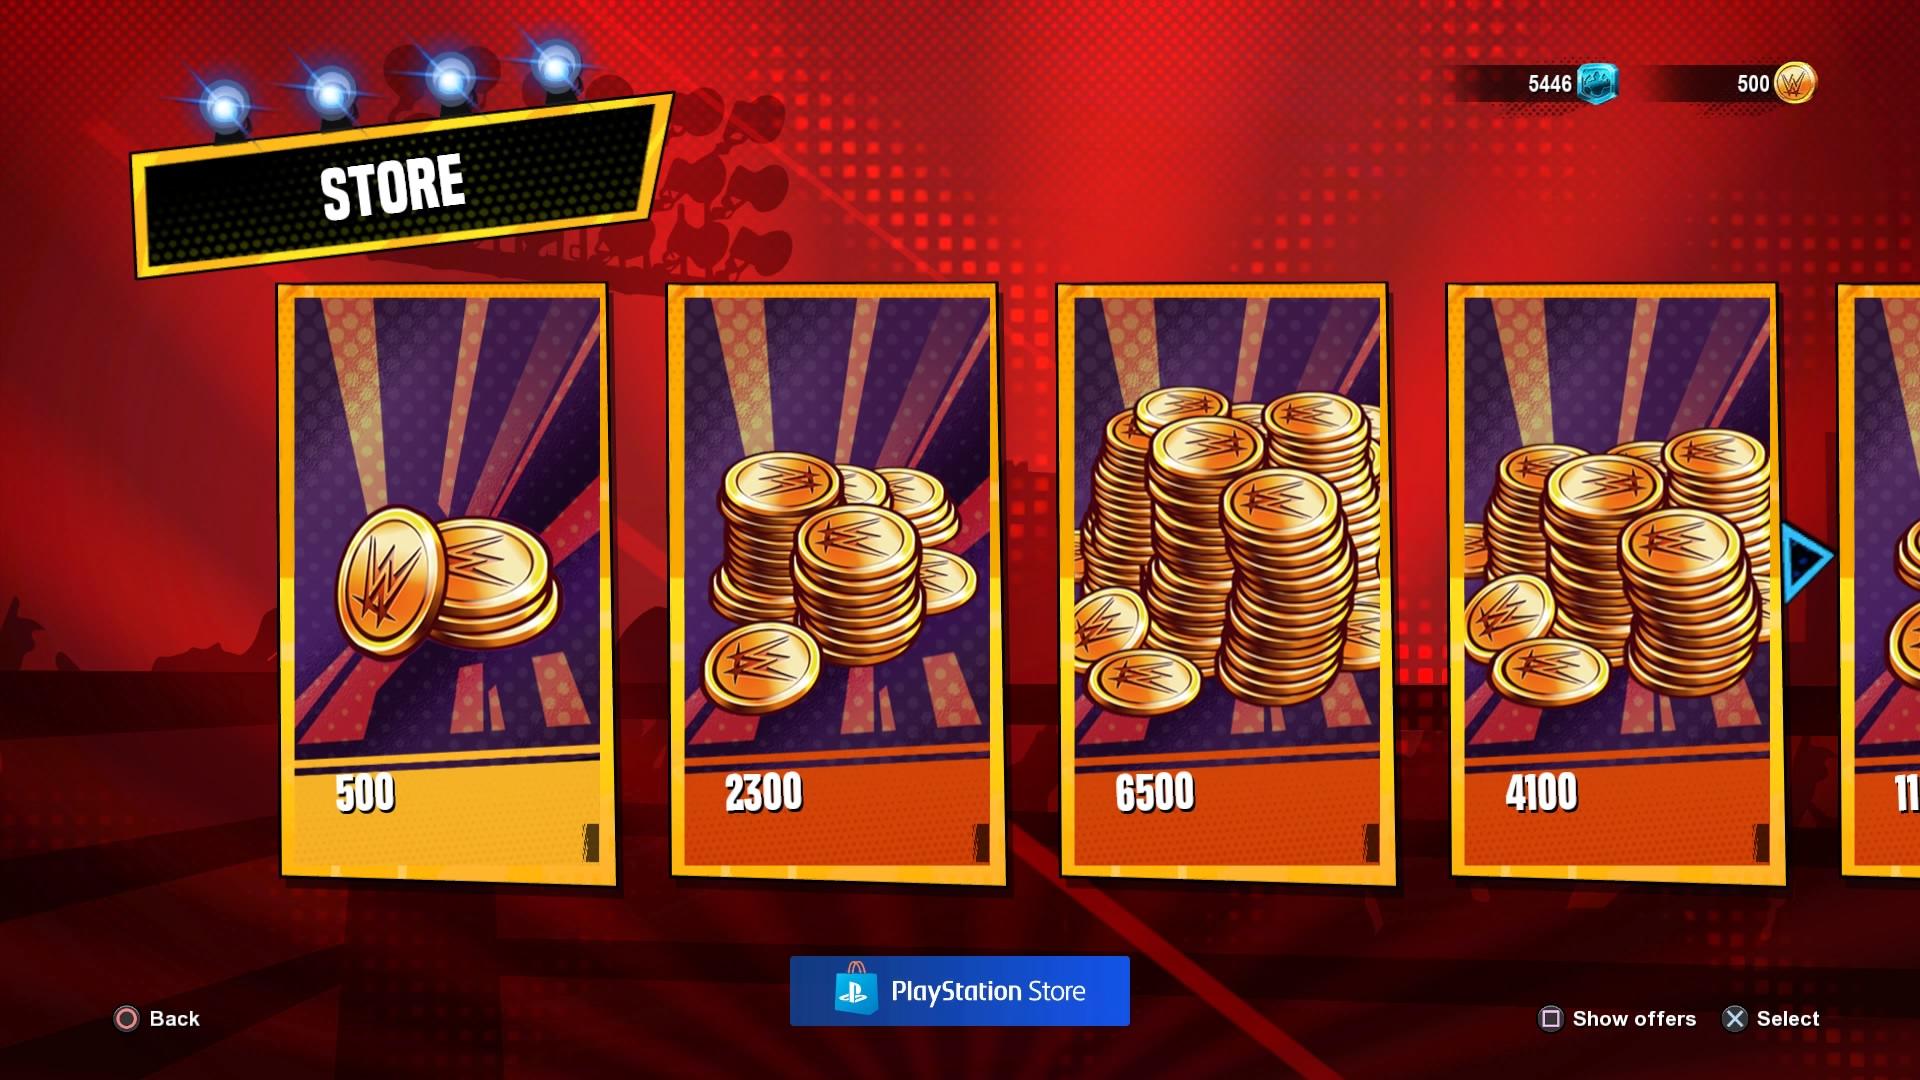 buy golden bucks at wwe 2k battlegrounds